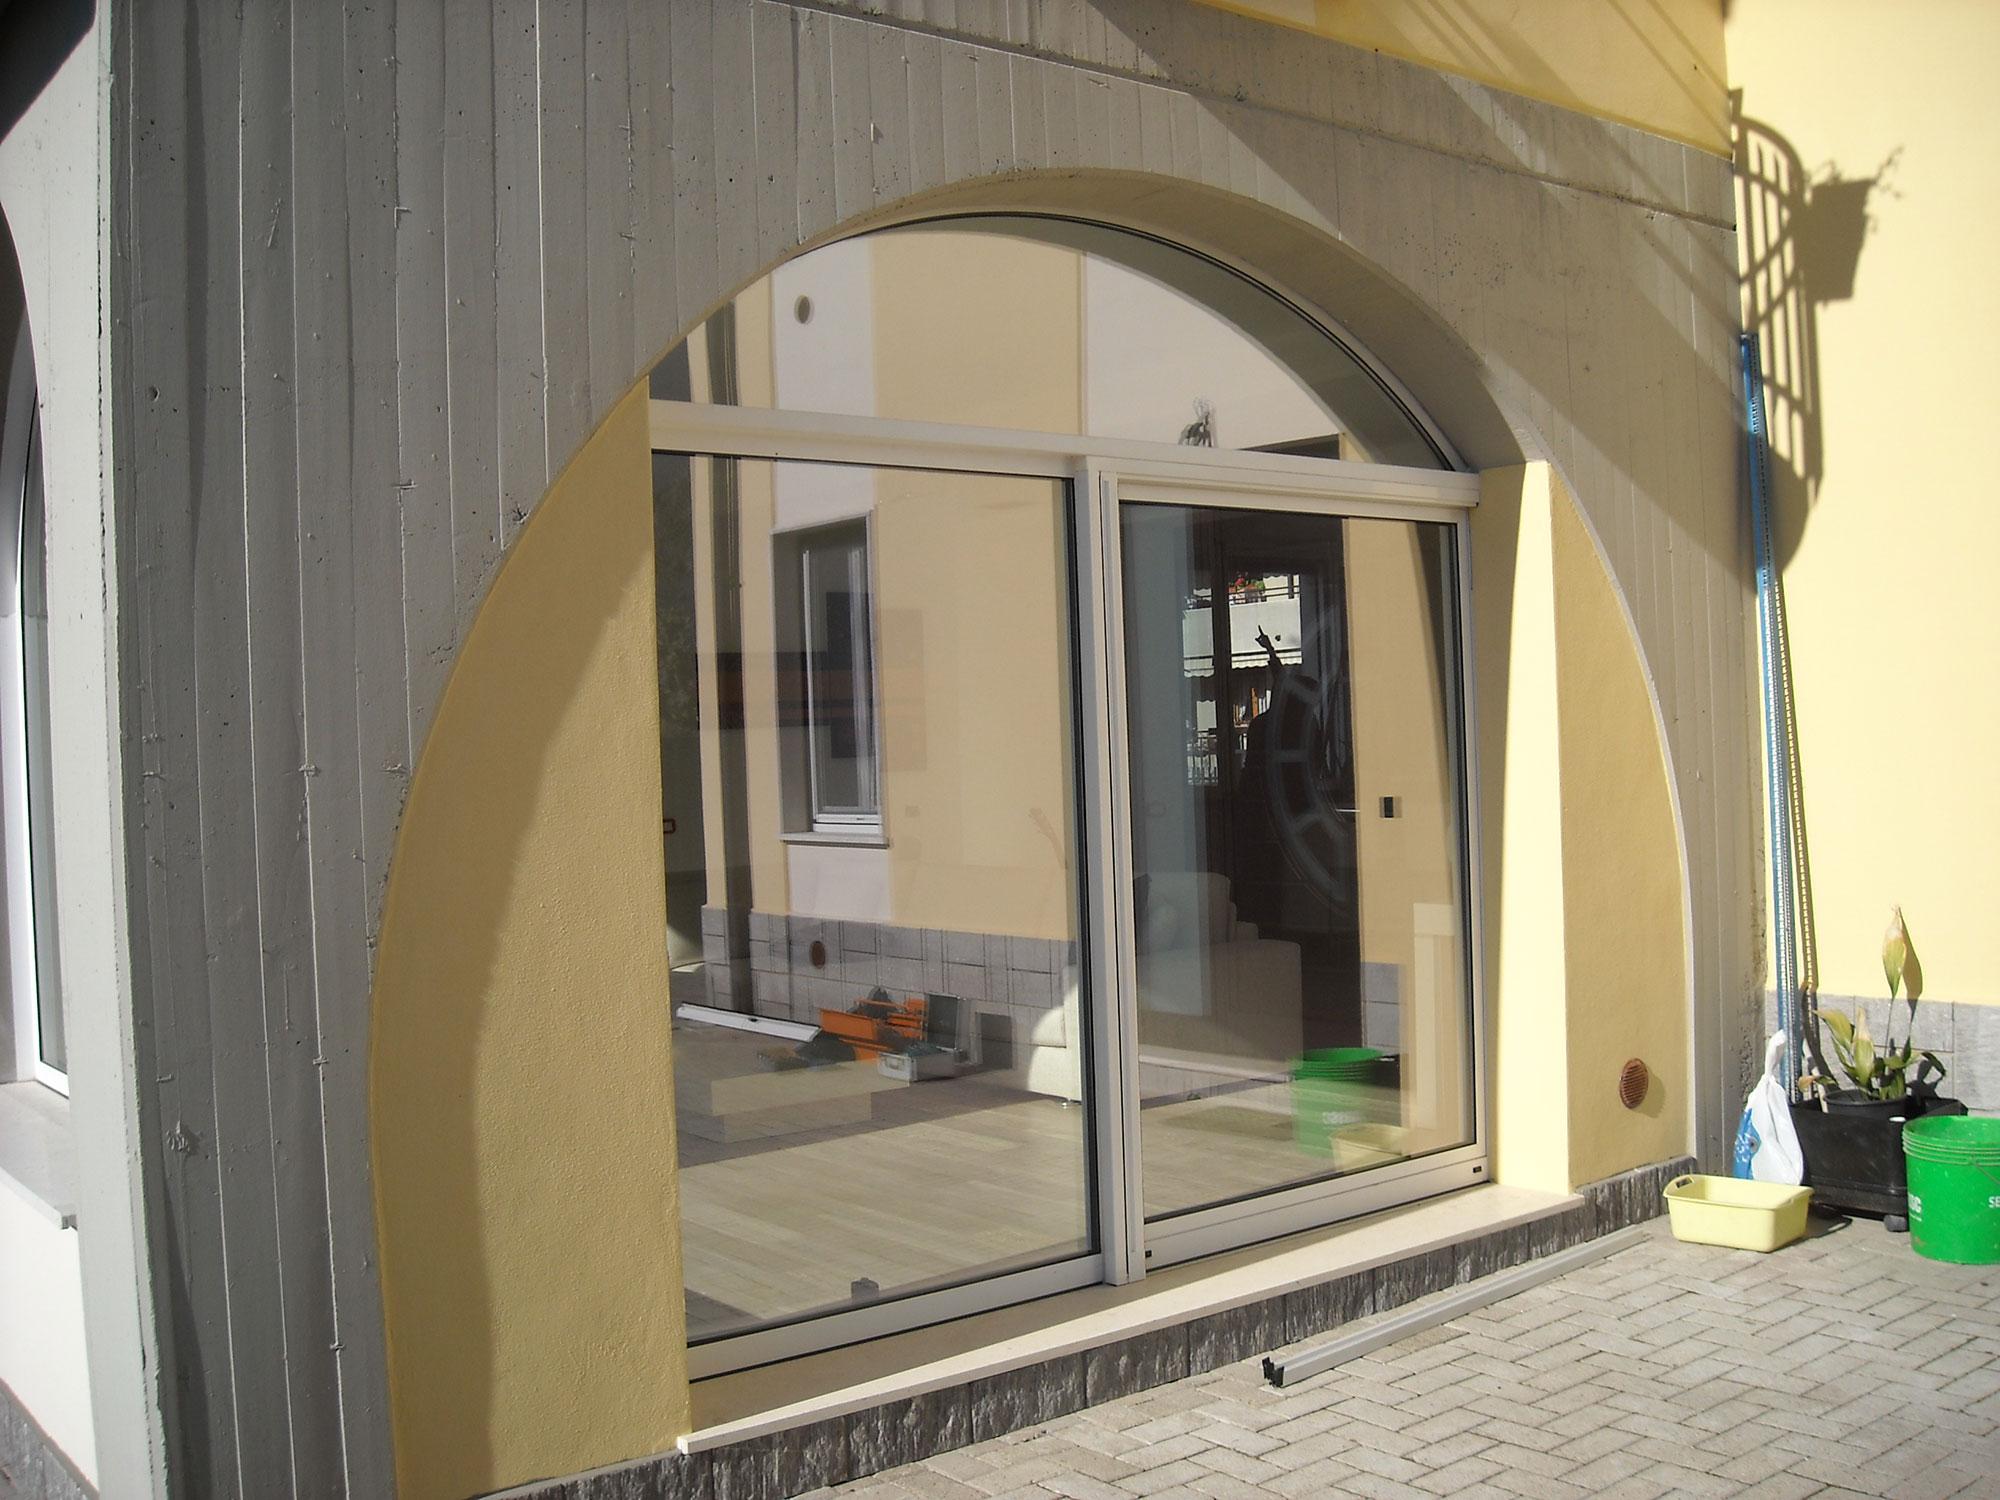 Serramenti e porte in alluminio nuova ocim nuova ocim srl - Porte ad arco ...